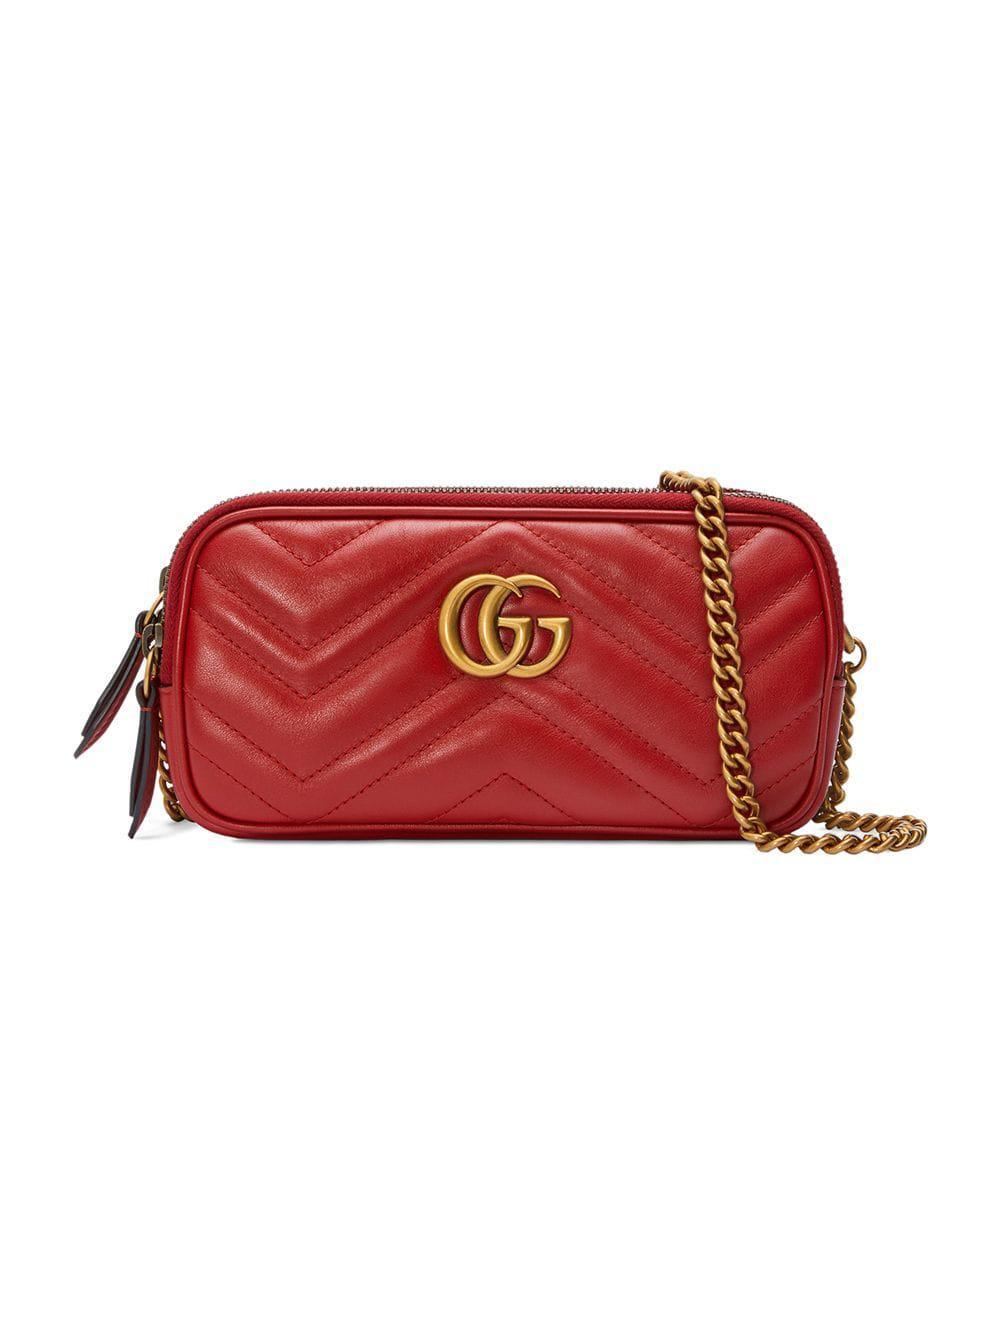 c55f70537a84f1 Gucci Gg Marmont Mini Chain Bag - Red | ModeSens